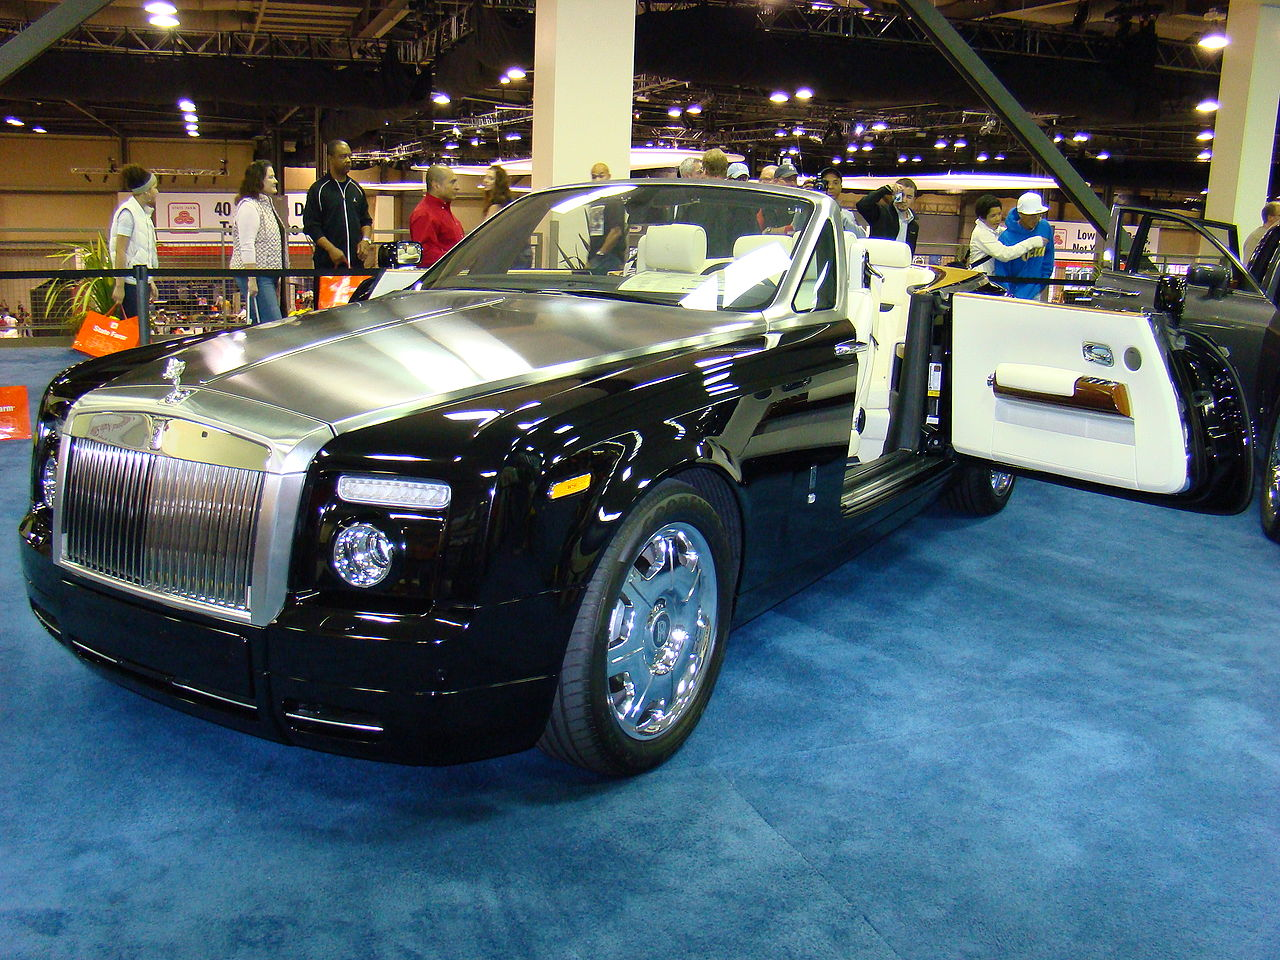 劳斯莱斯幻影 (Rolls-Royce Phantom) - wuwei1101 - 西花社